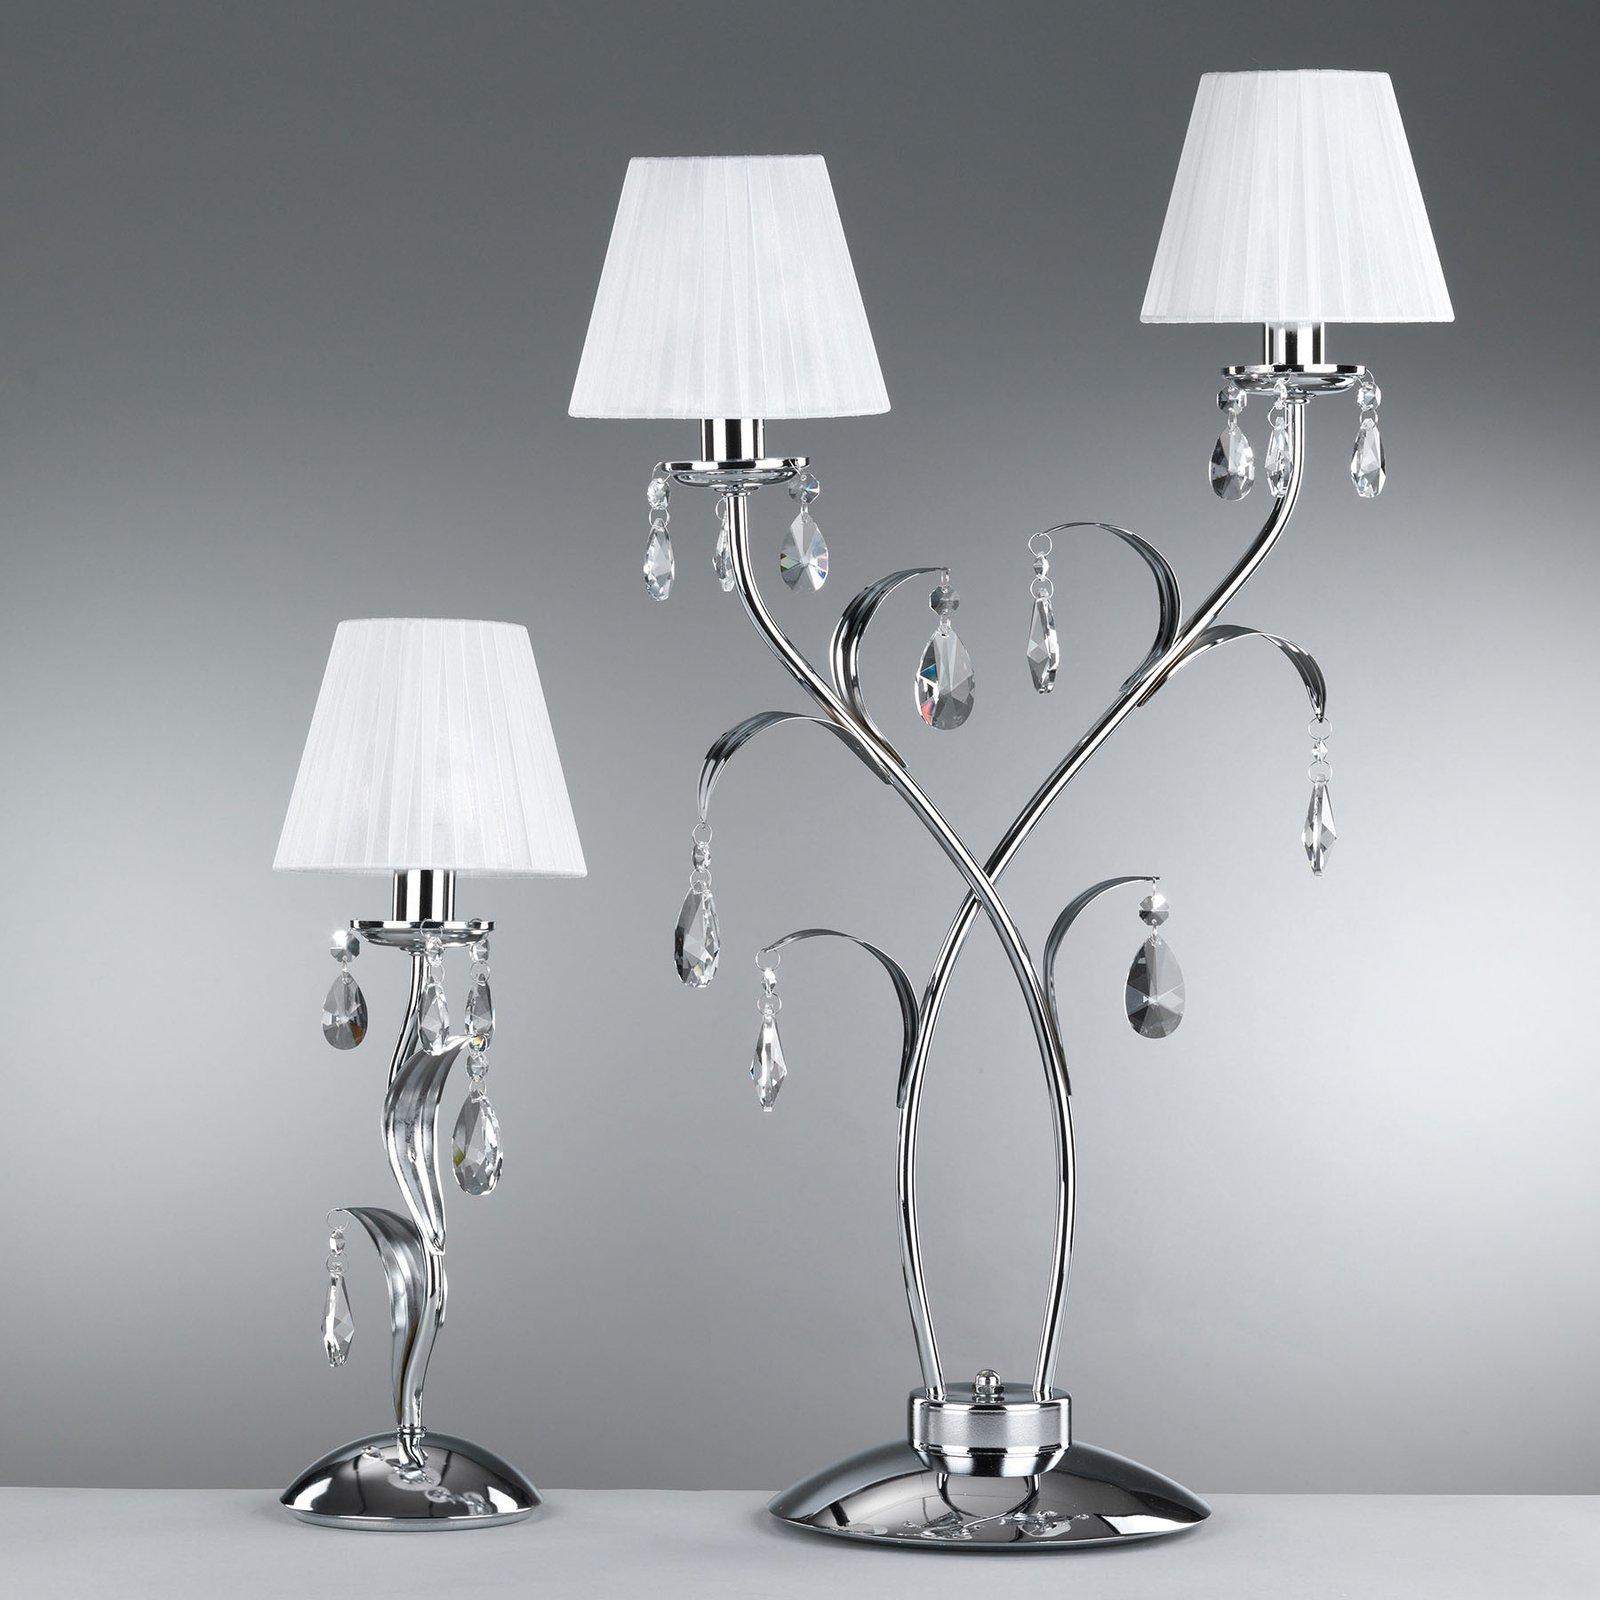 Bordlampe Jacqueline, 1 lyskilde, hvit